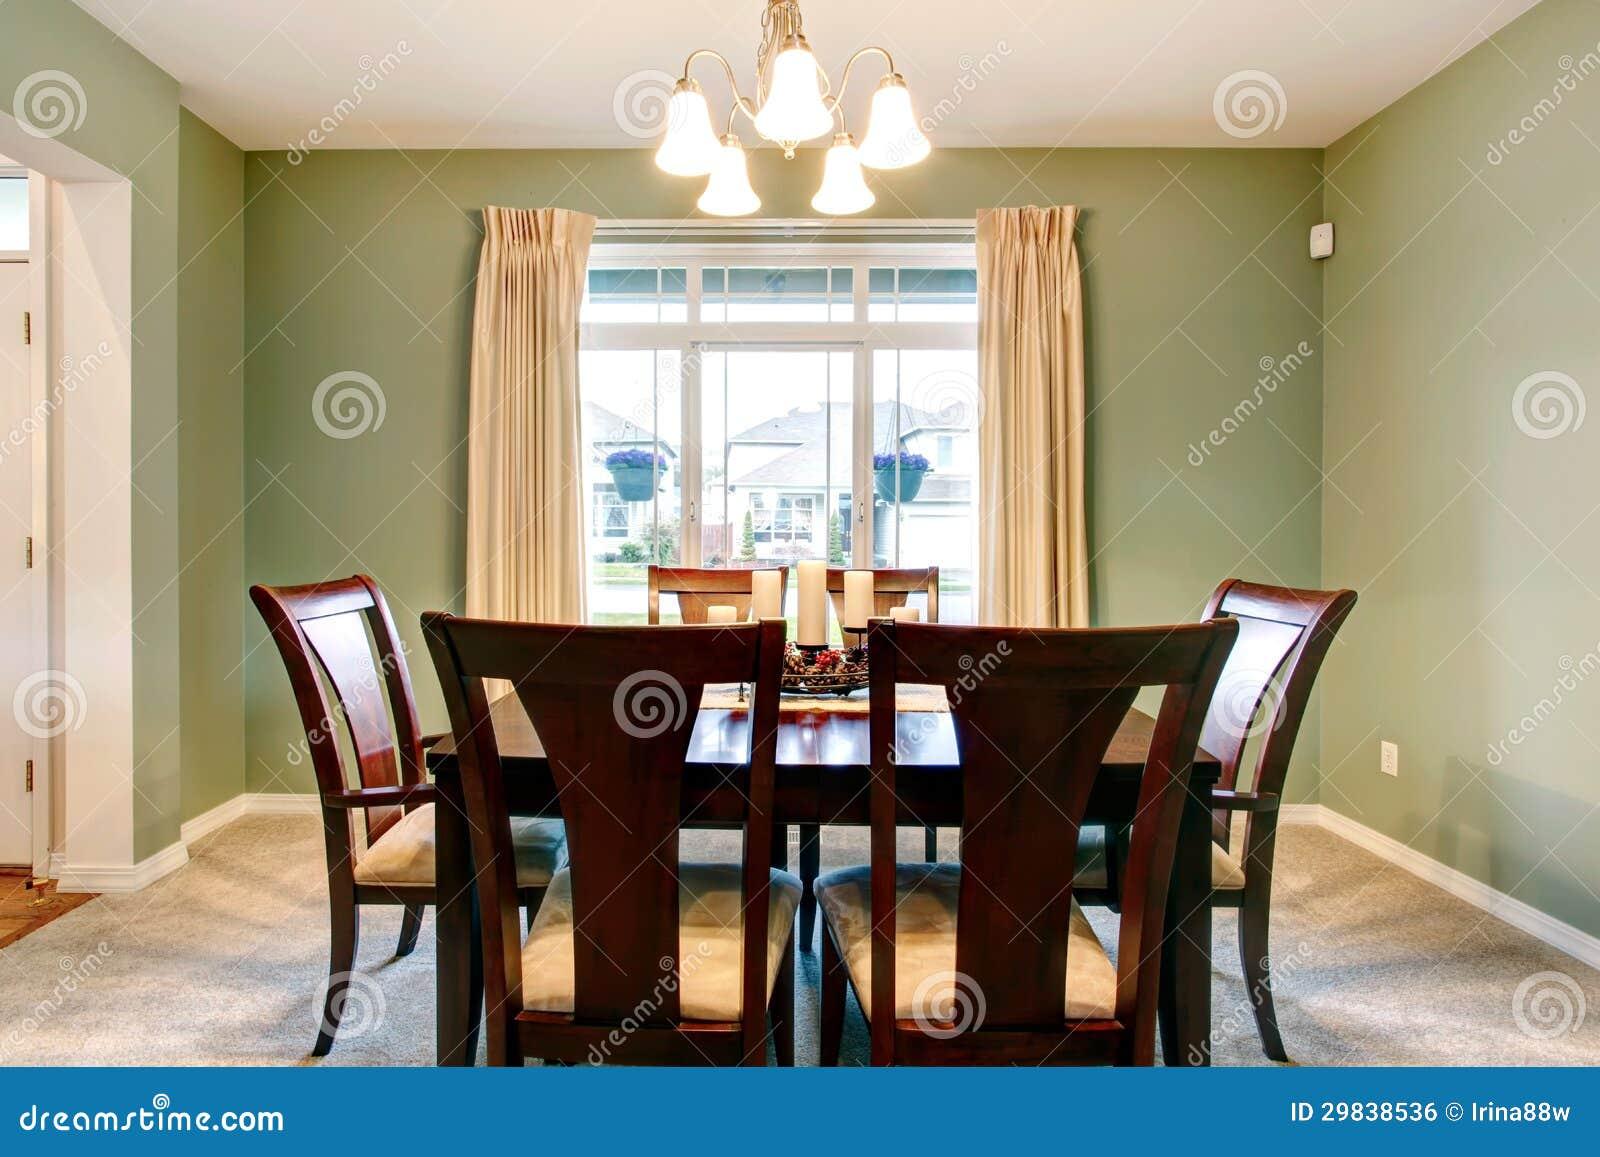 verde del comedor con muebles marrones clásicos y alfombra beige